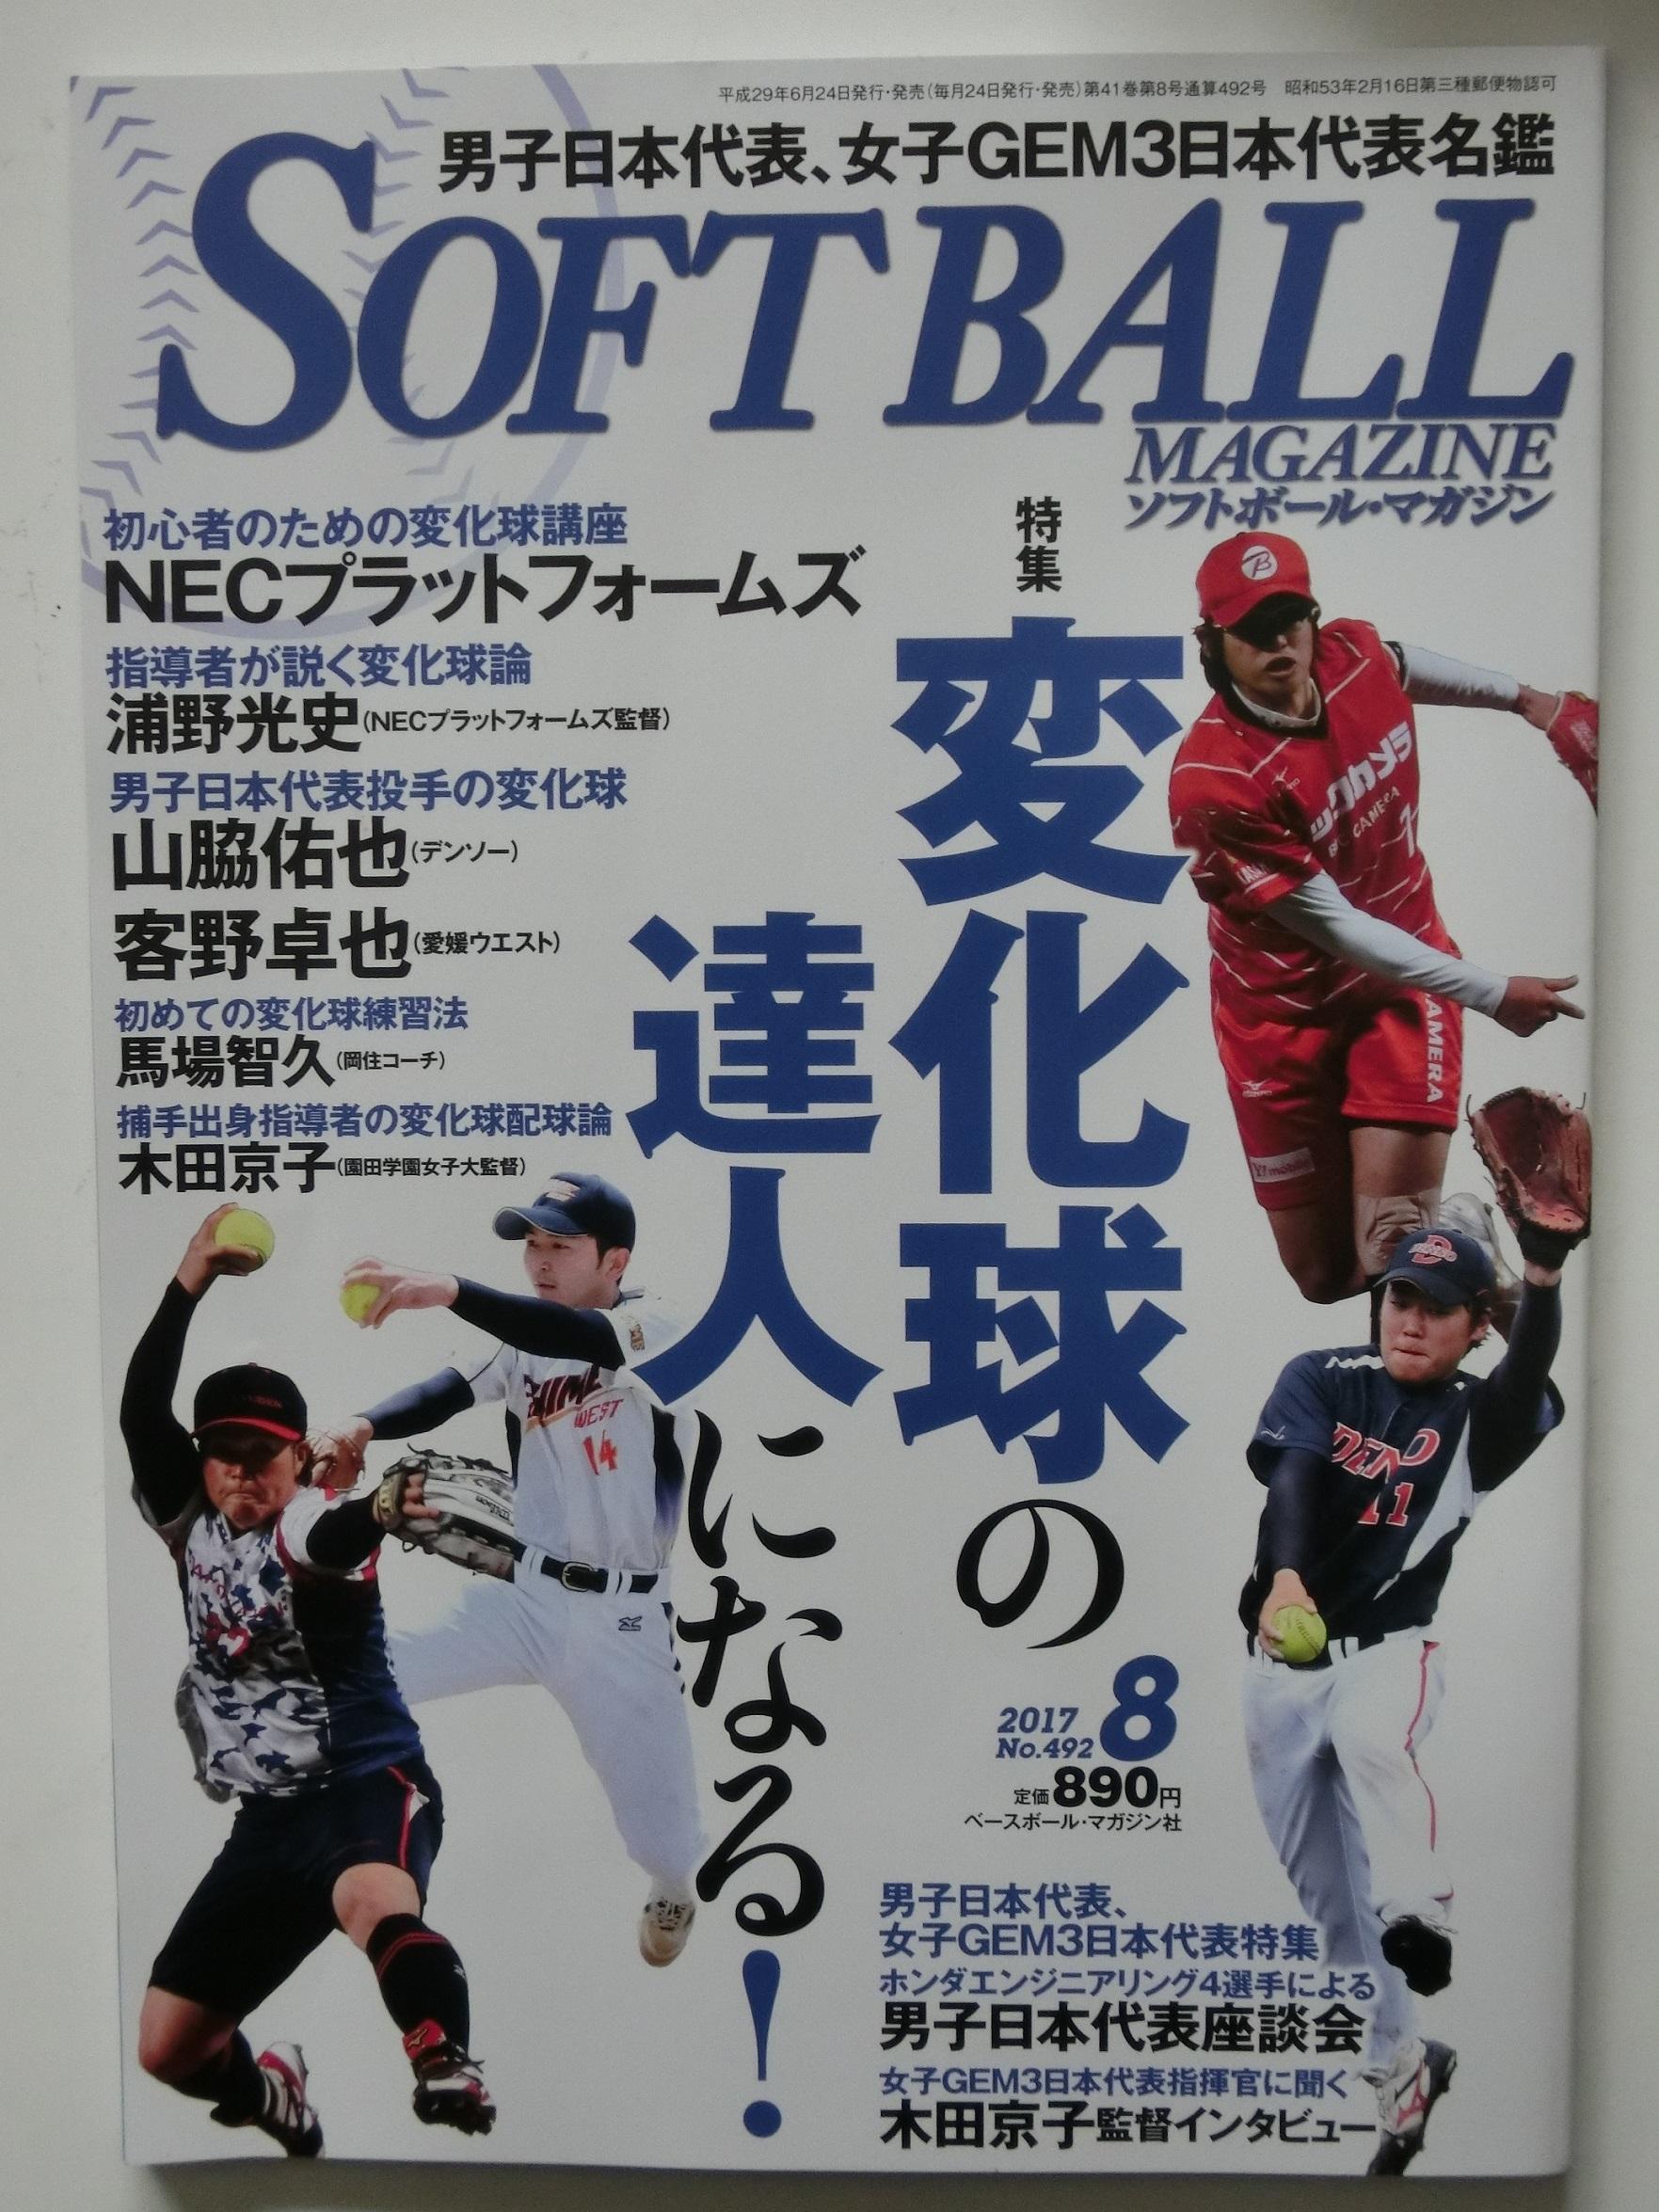 ソフトボールマガジン2017年8月号は変化球の投げ方